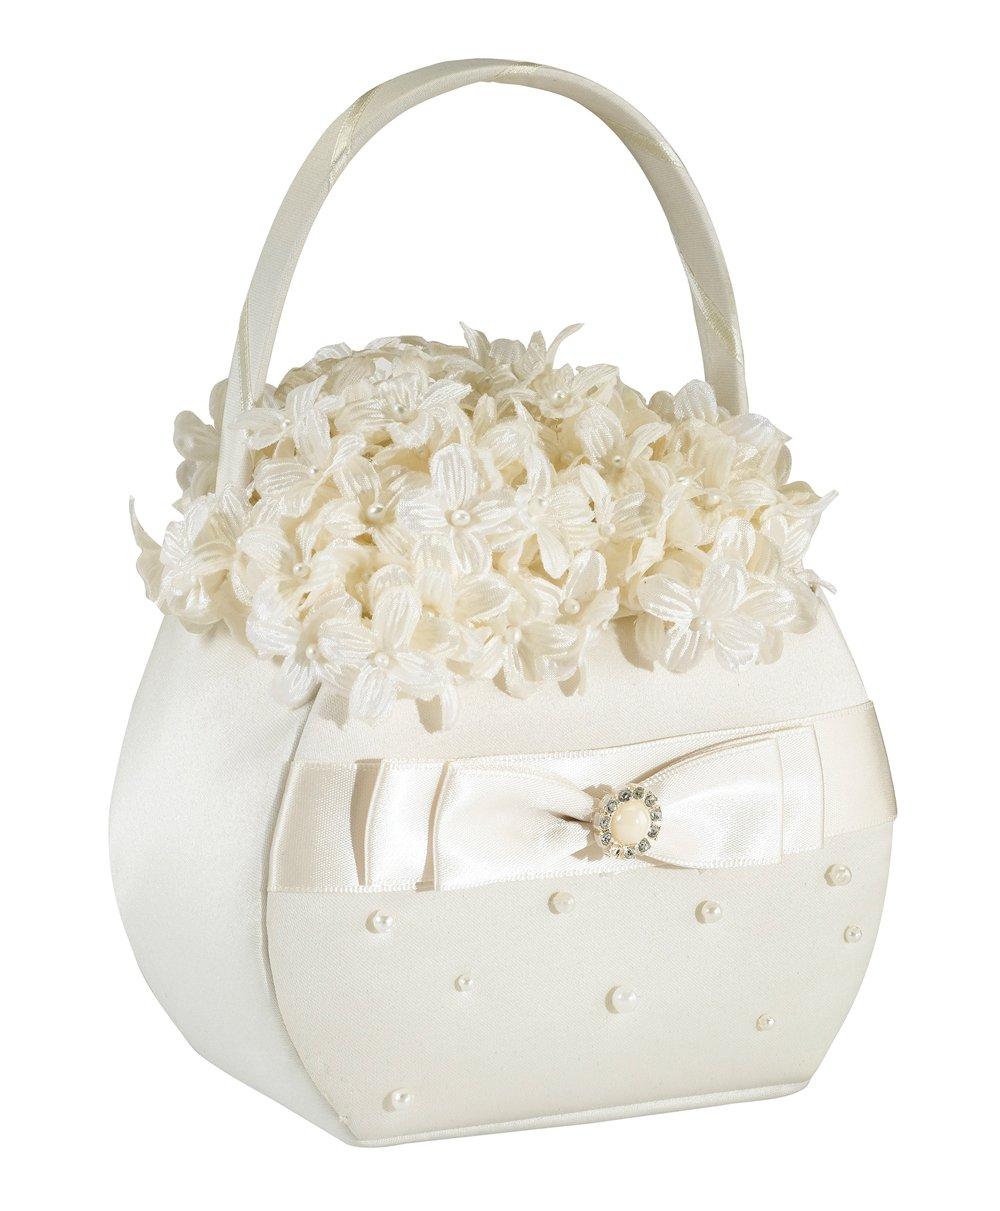 Scattered Pearl Flower Basket - Ivory